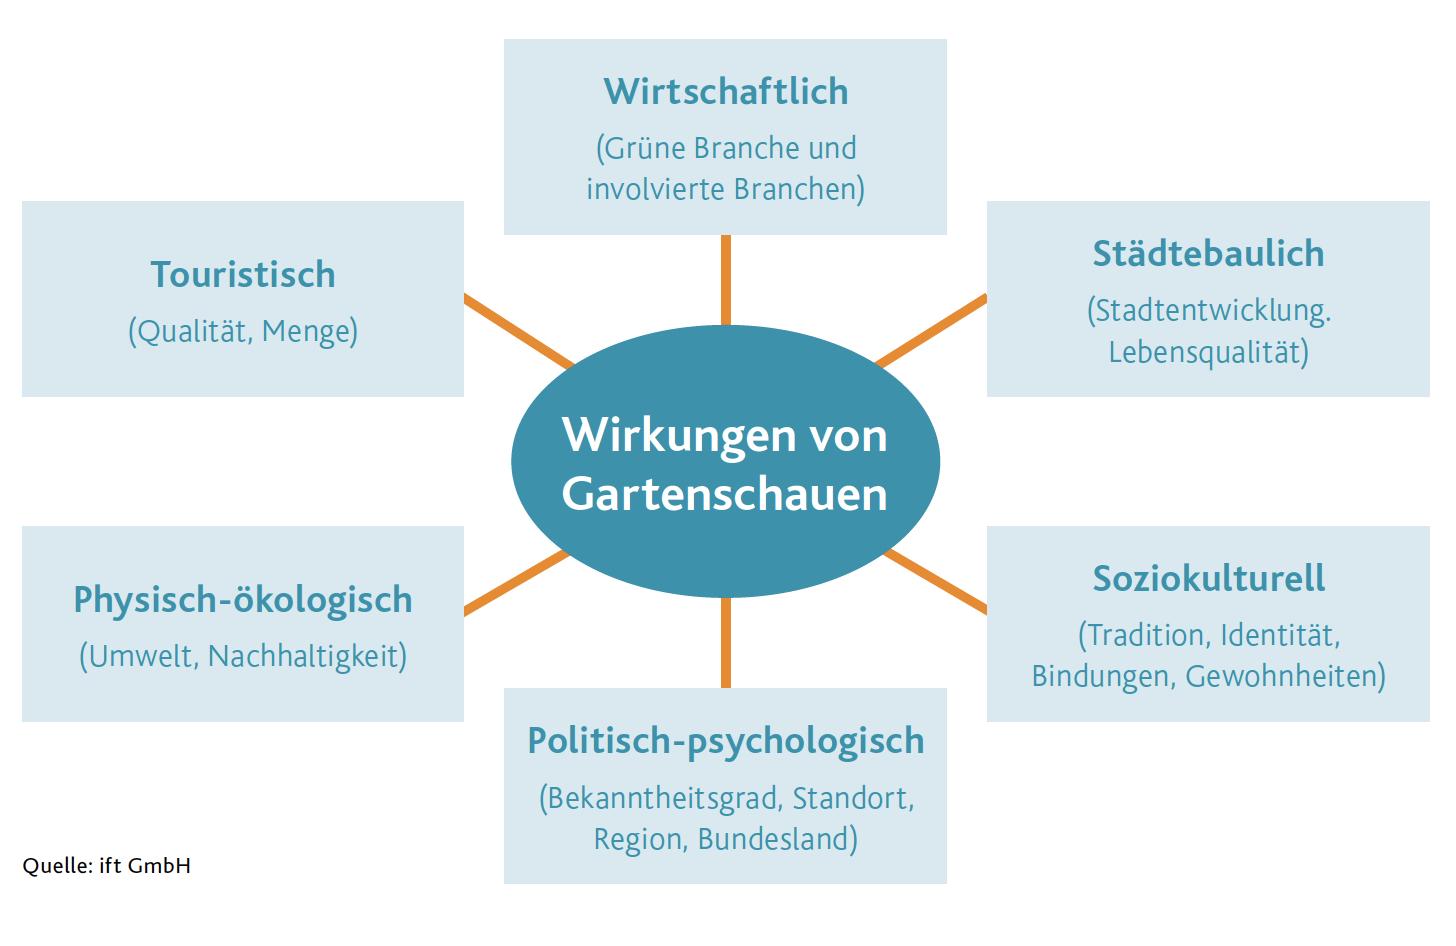 (Quelle: ift GmbH)